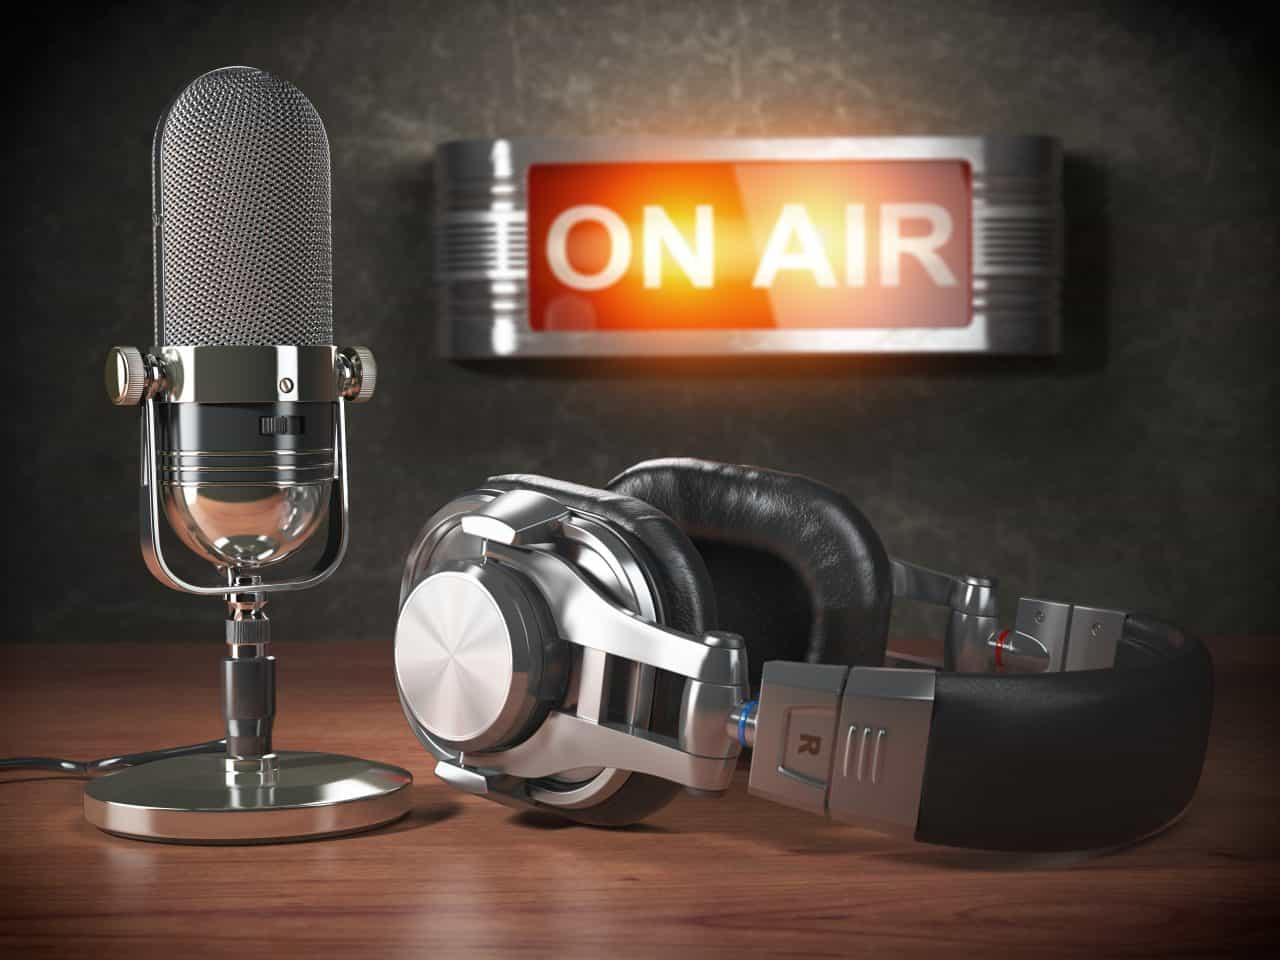 legjobb fogyás podcastok fogyás 43 éves